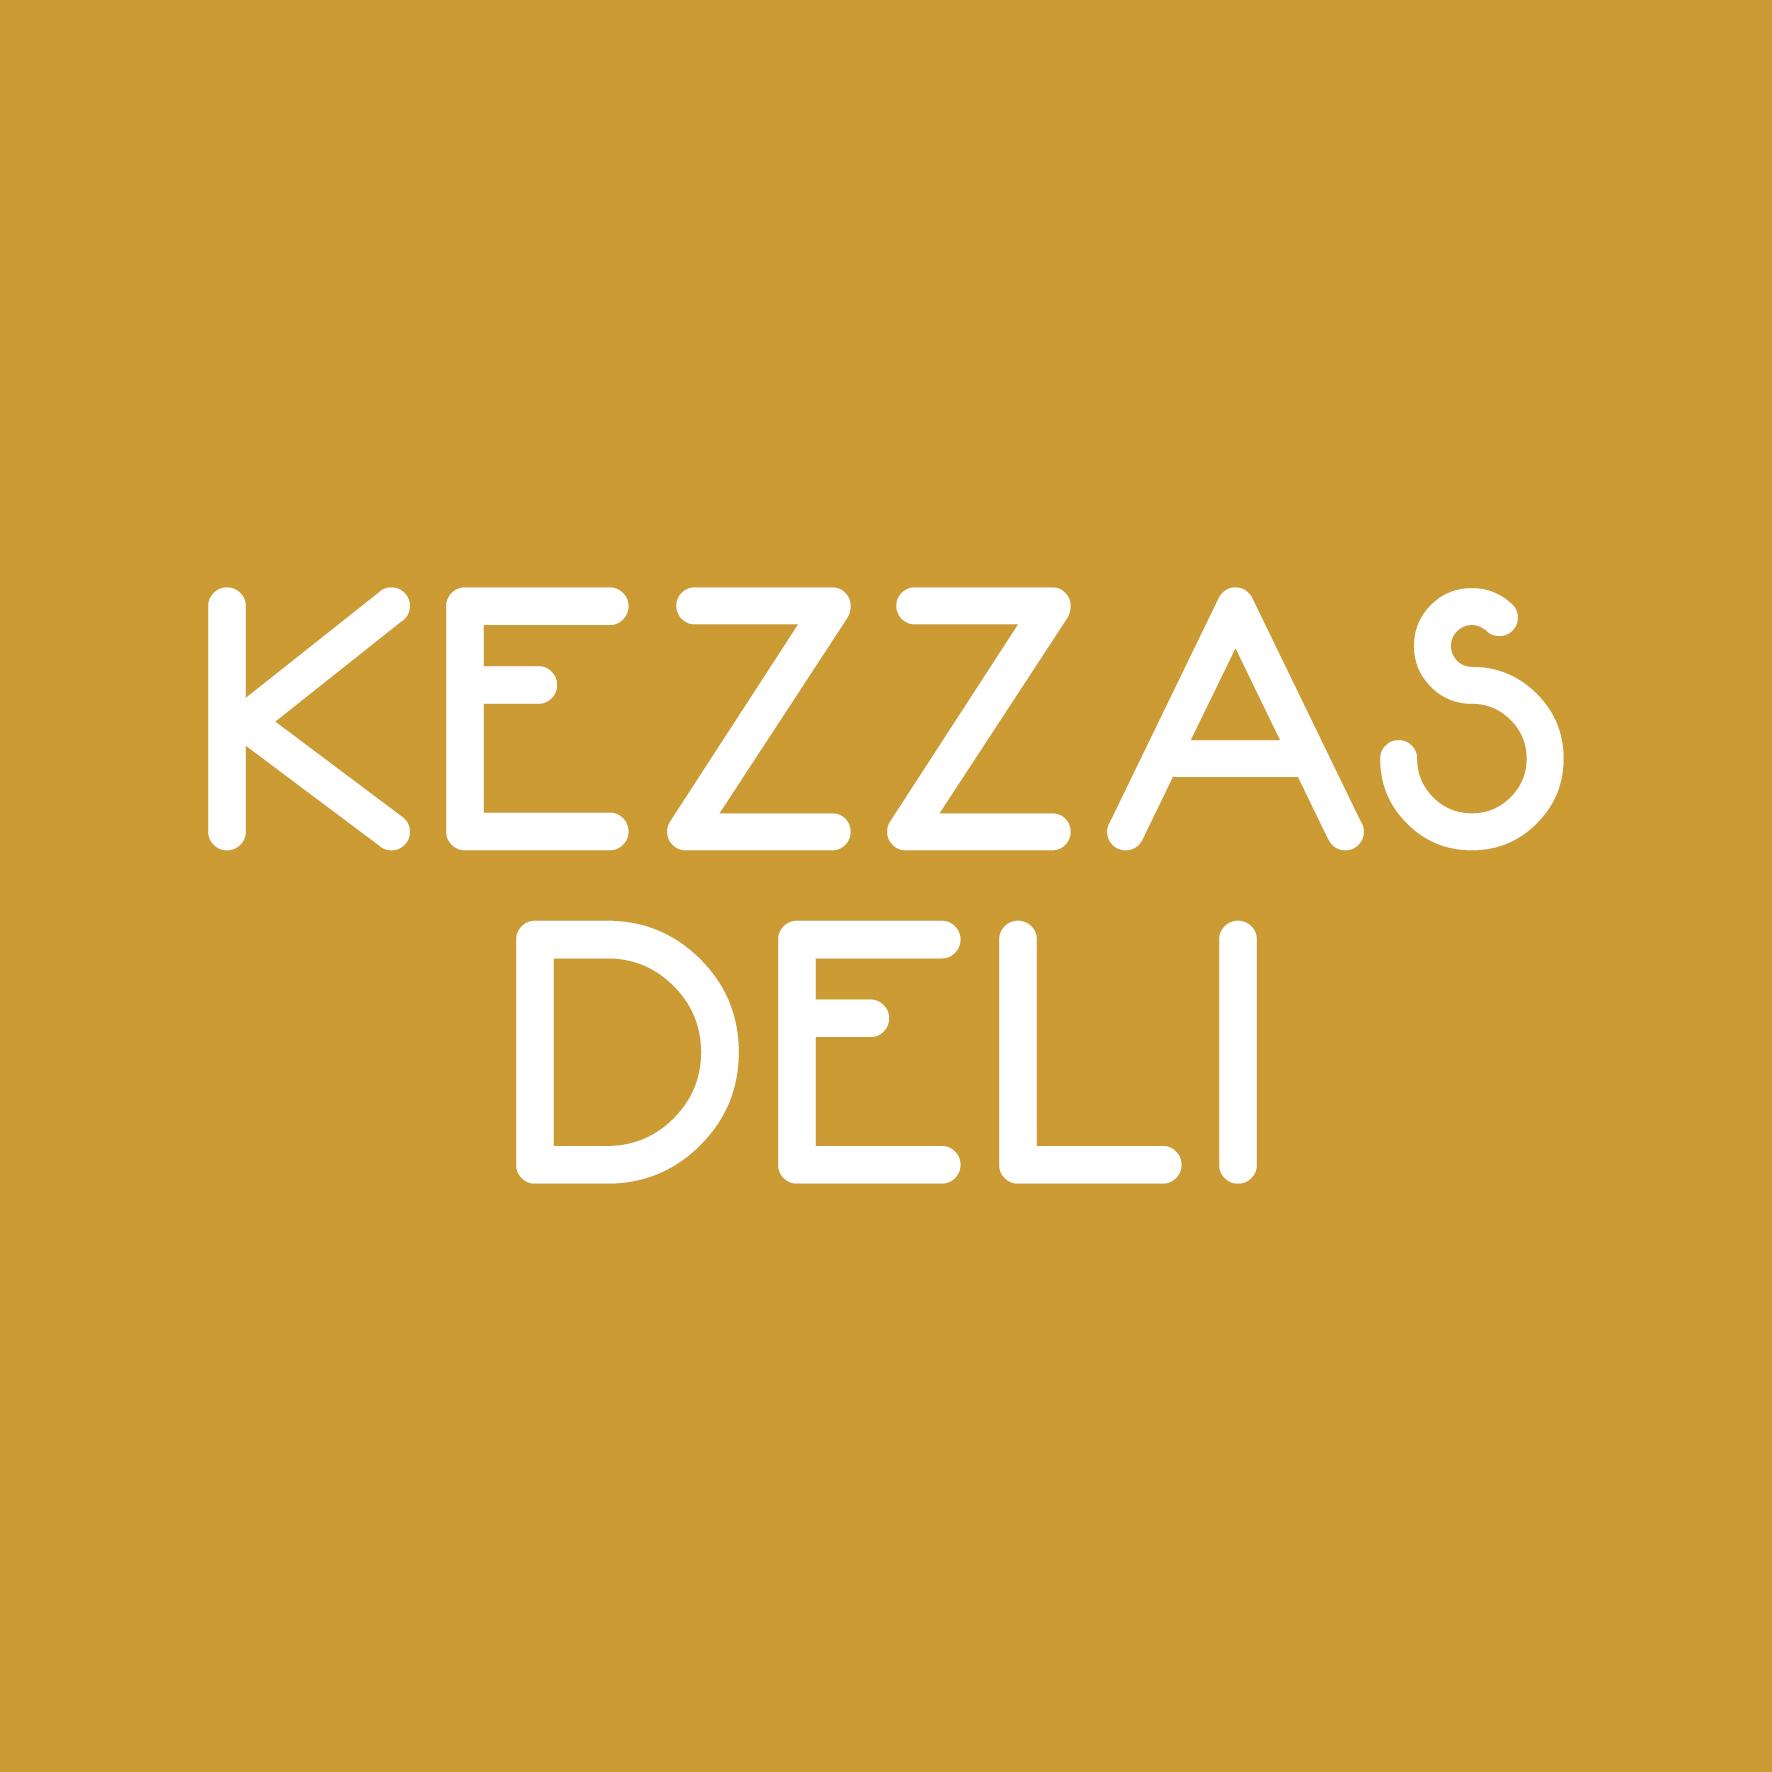 Kezzas Deli